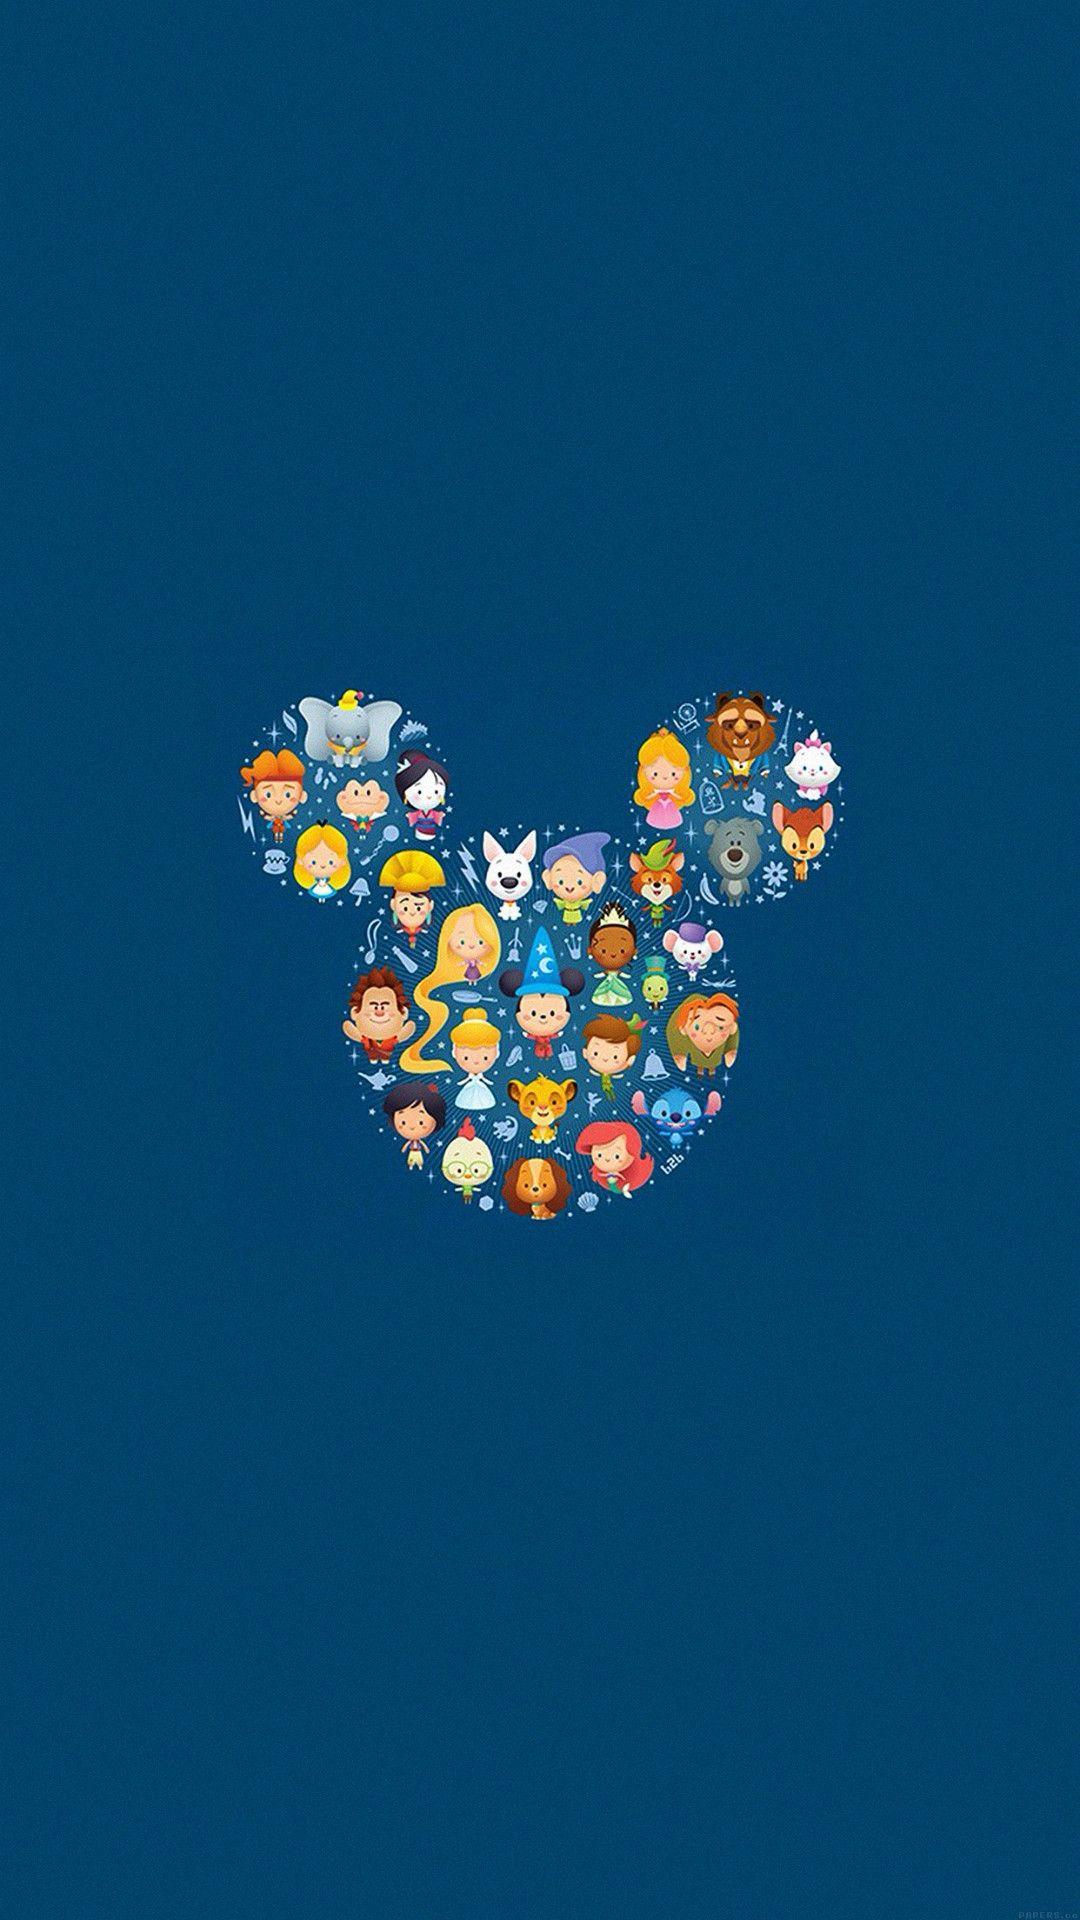 ディズニー アート文字のかわいいイラスト Iphone66s7 Plus壁紙と ディズニーの携帯電話の背景 ミッキーマウスの壁紙 かわいい 壁紙 Iphone